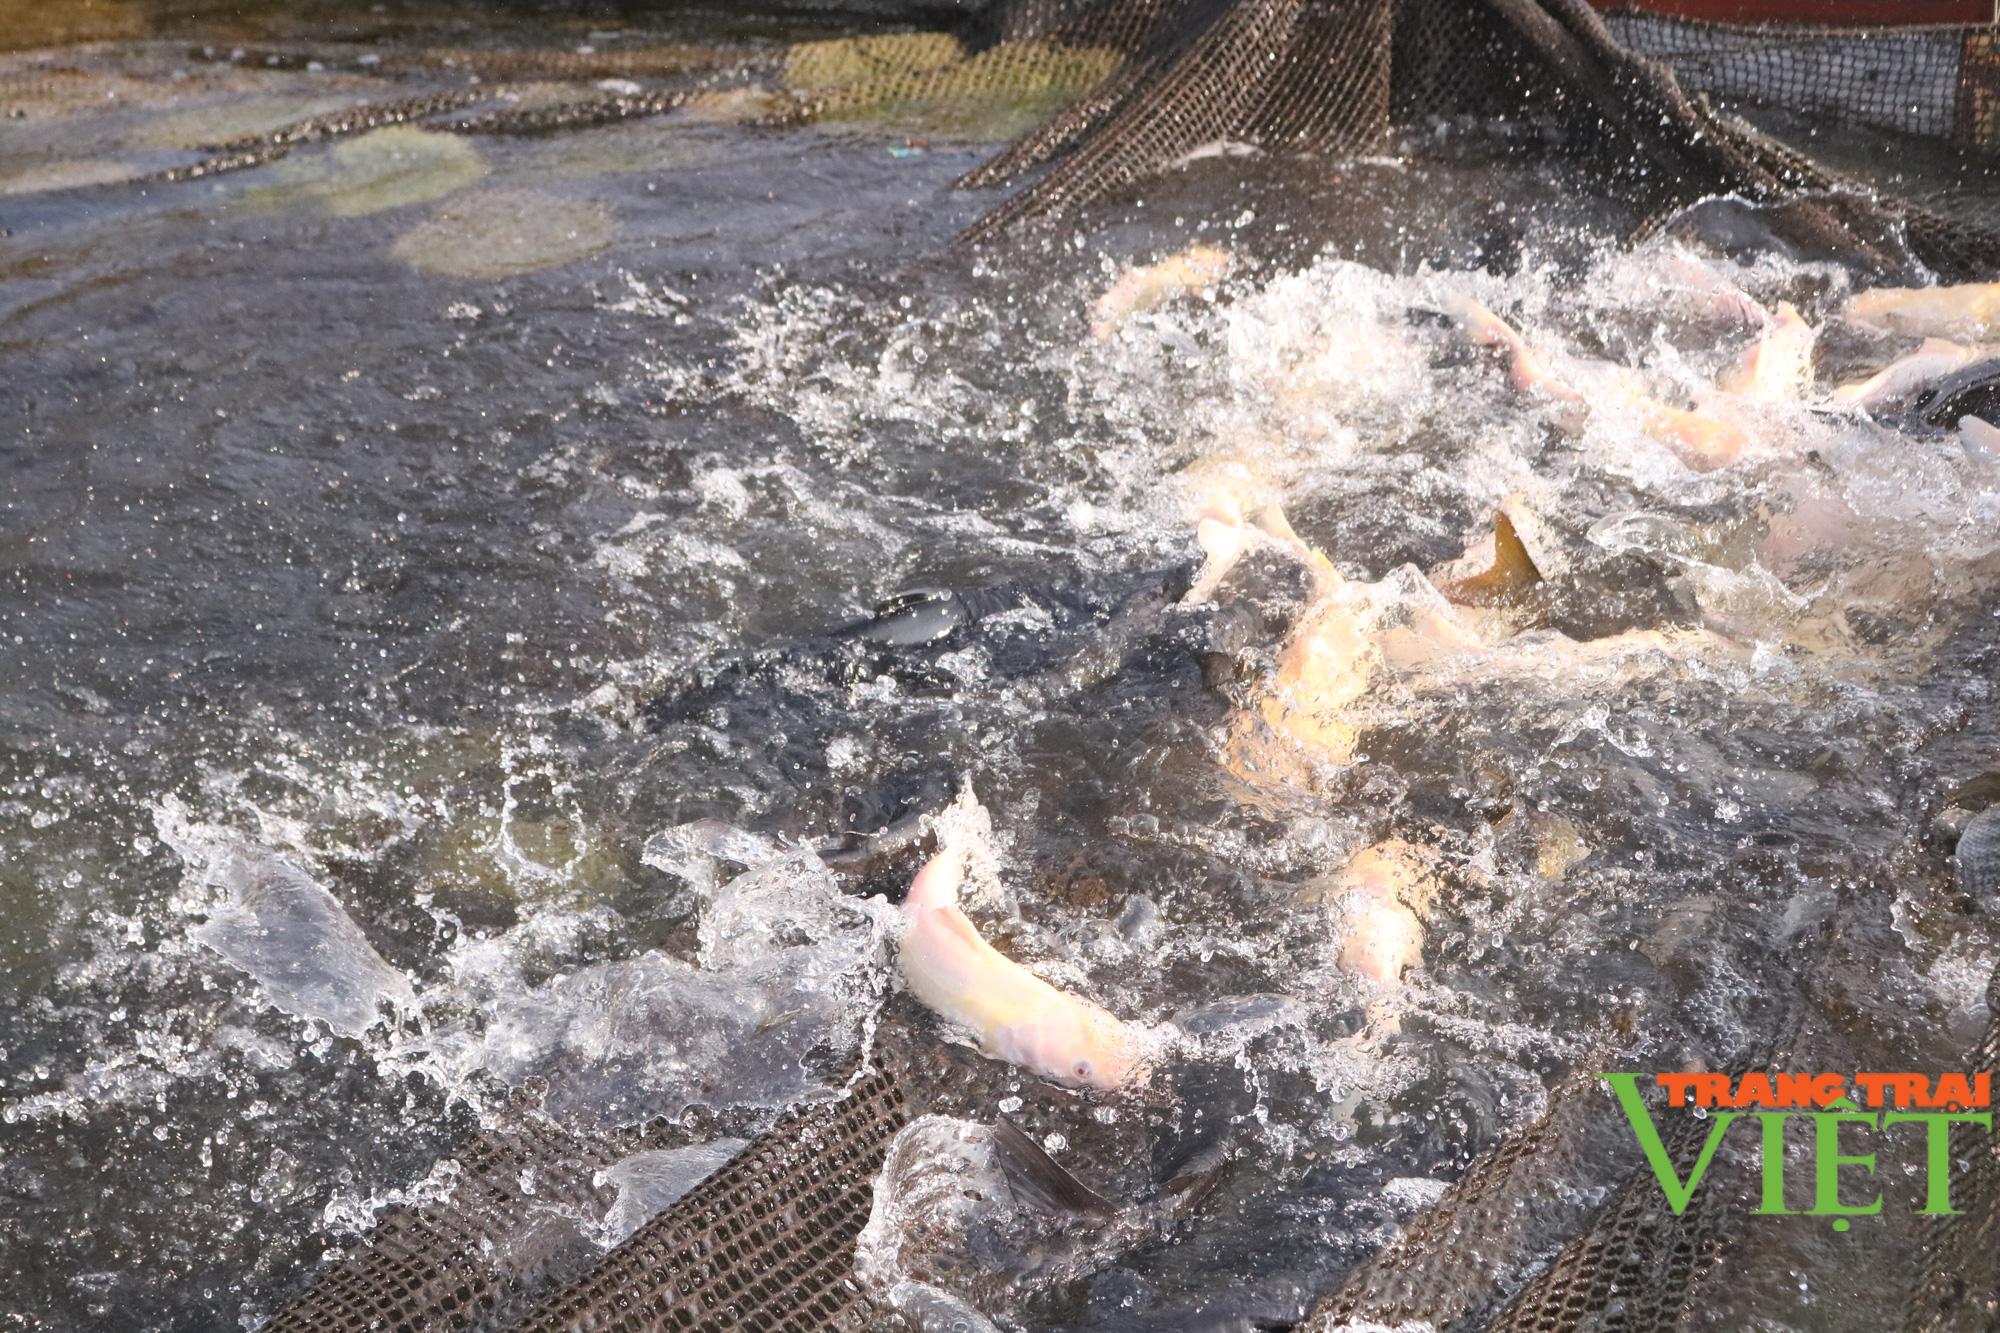 Nuôi cá lồng trên lòng hồ thủy điện Sơn La, người dân bản Ít có thu nhập ổn định  - Ảnh 3.